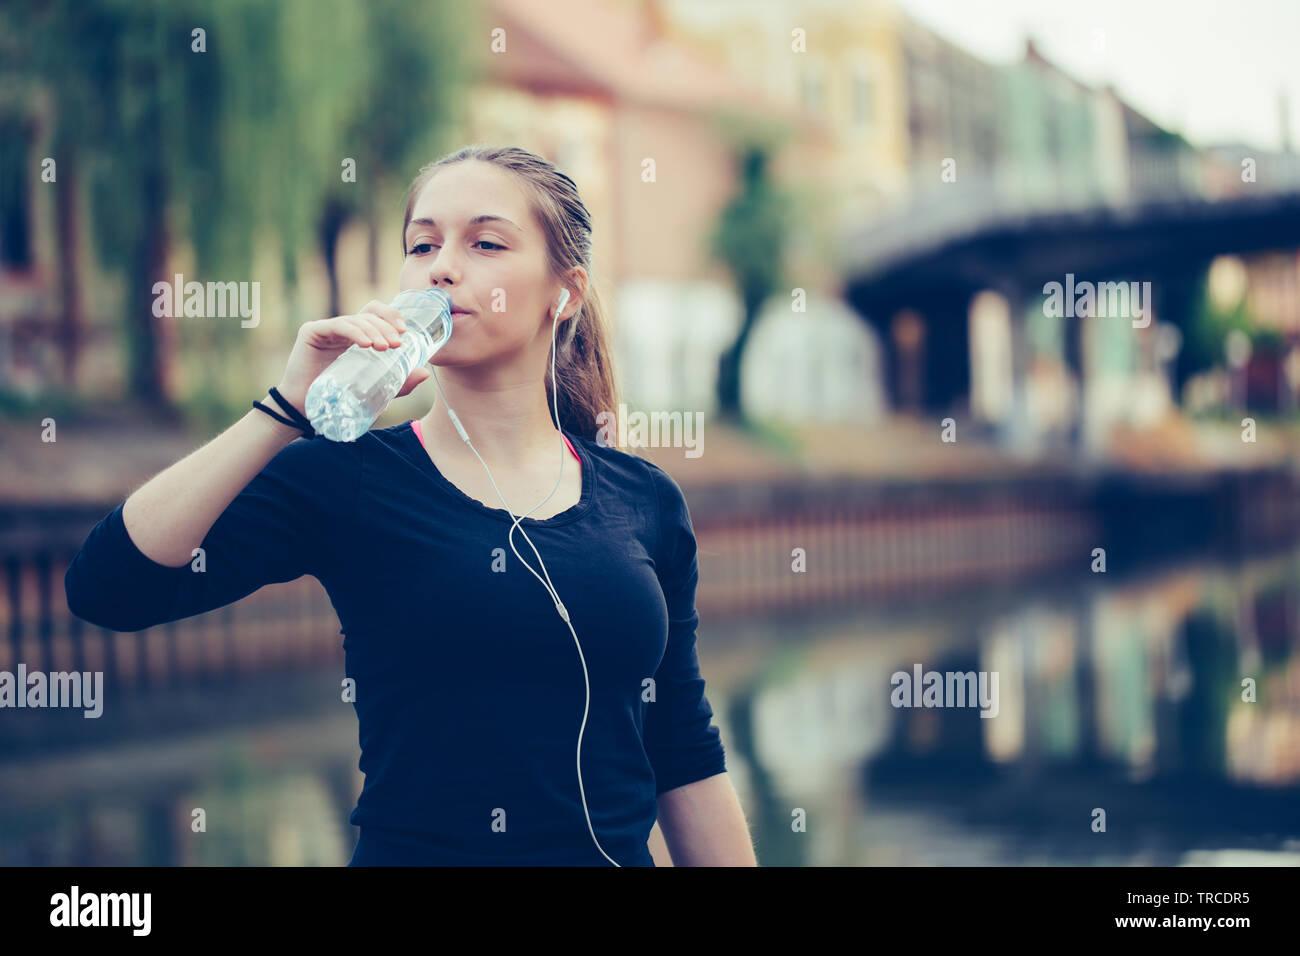 Belle femme athlète remise en forme de l'eau potable après l'exercice d'entraînement. Banque D'Images